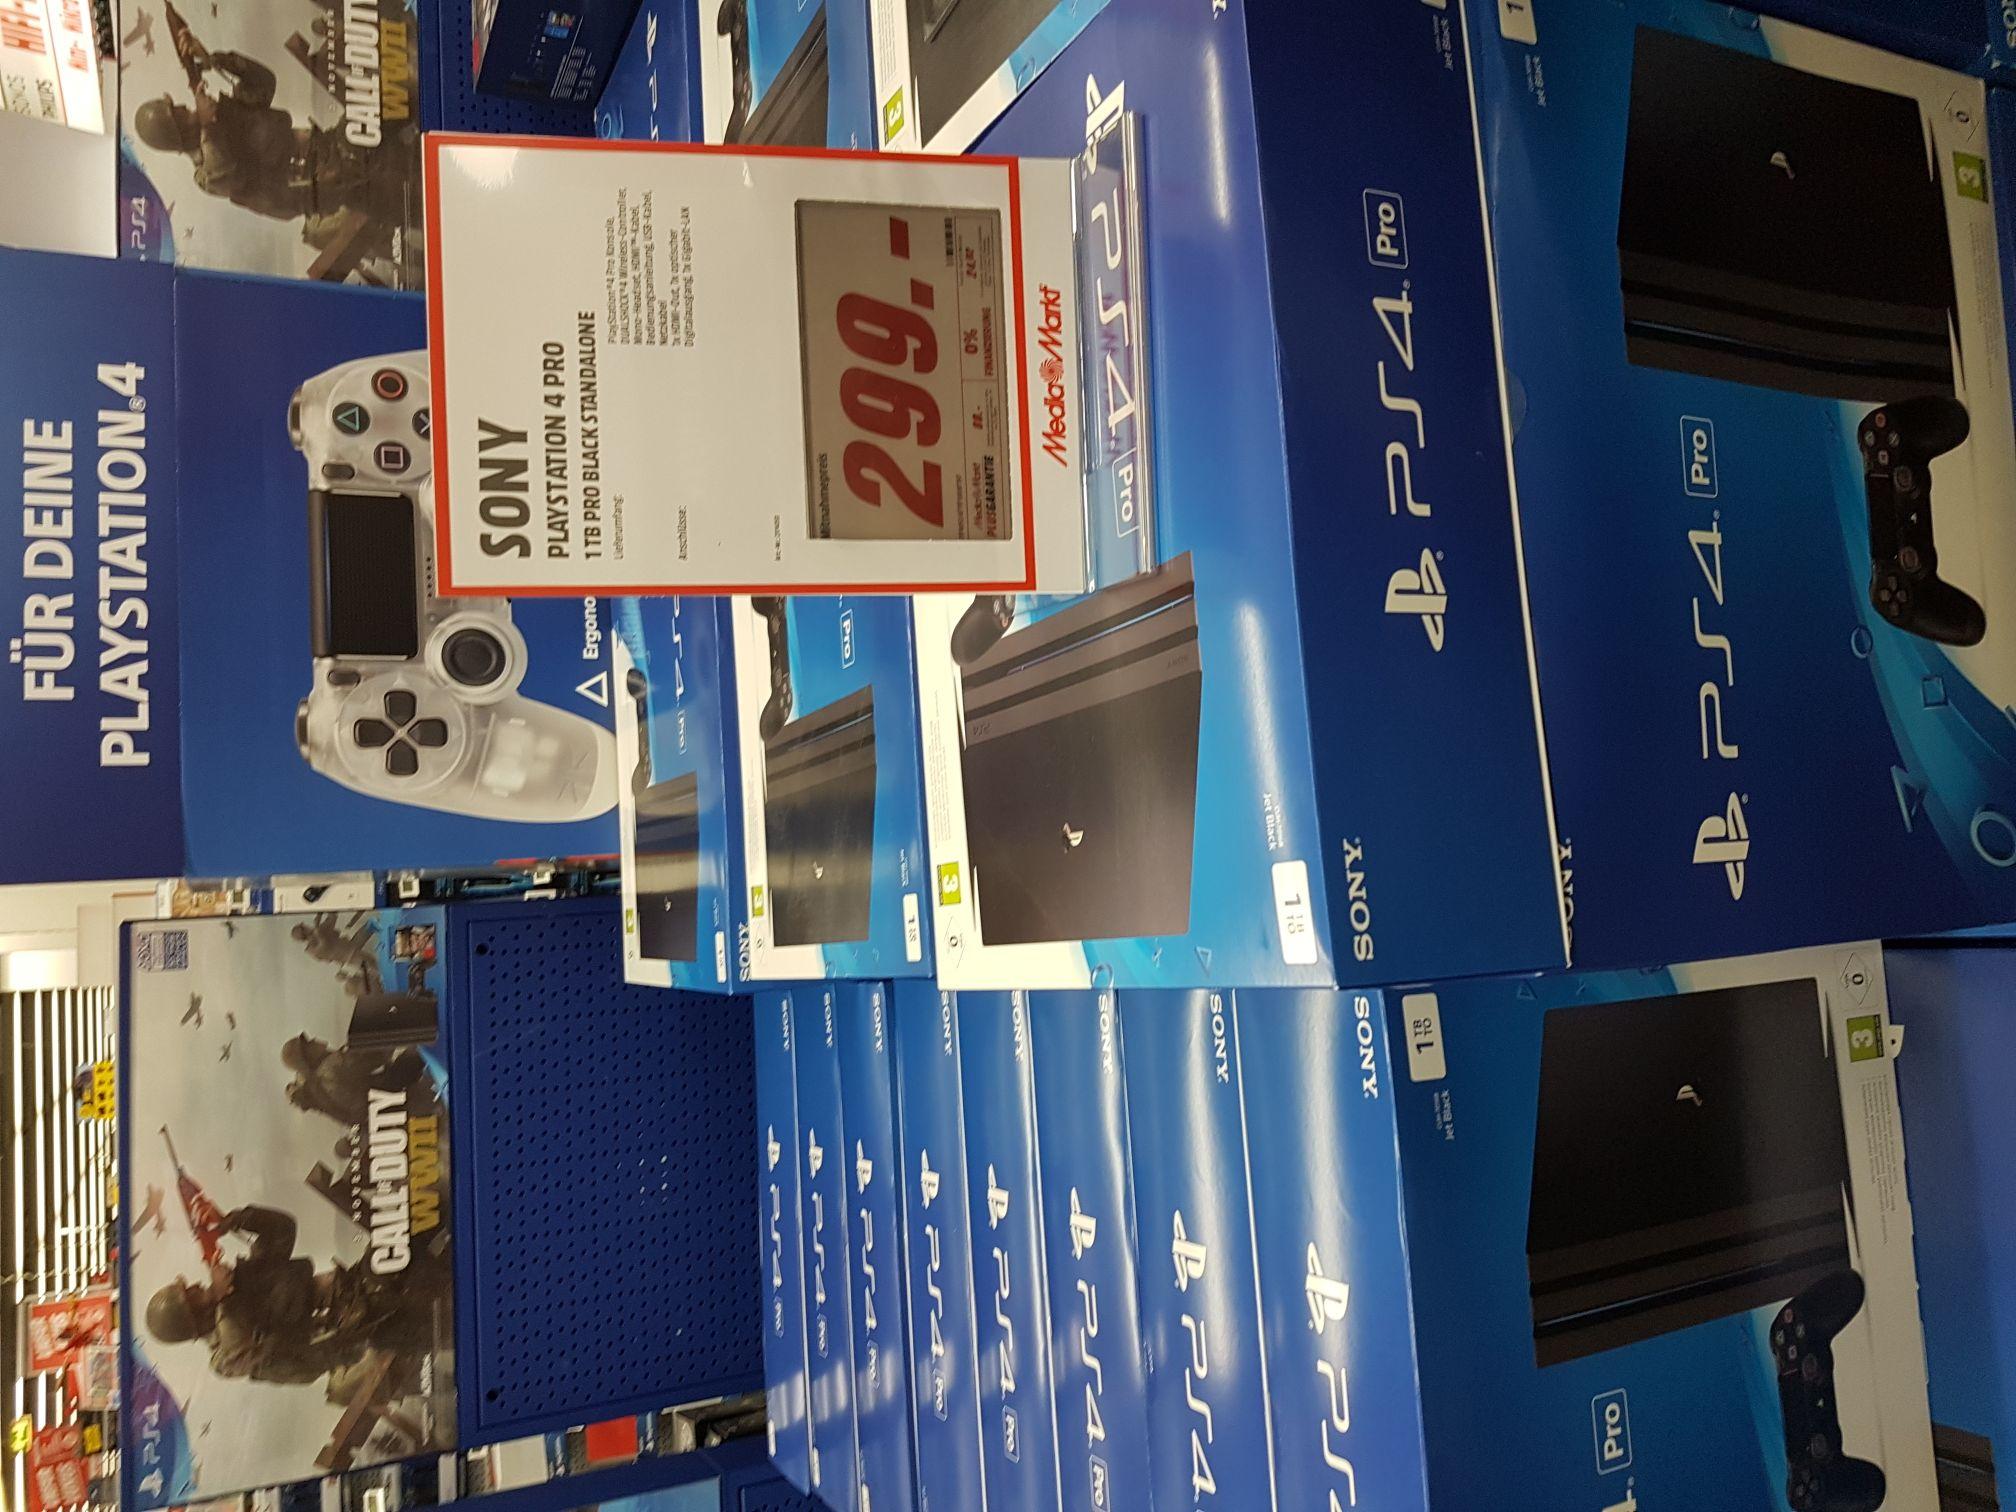 [Lokal] Media Markt Magdeburg Bördepark Playstation 4 Pro 1 TB